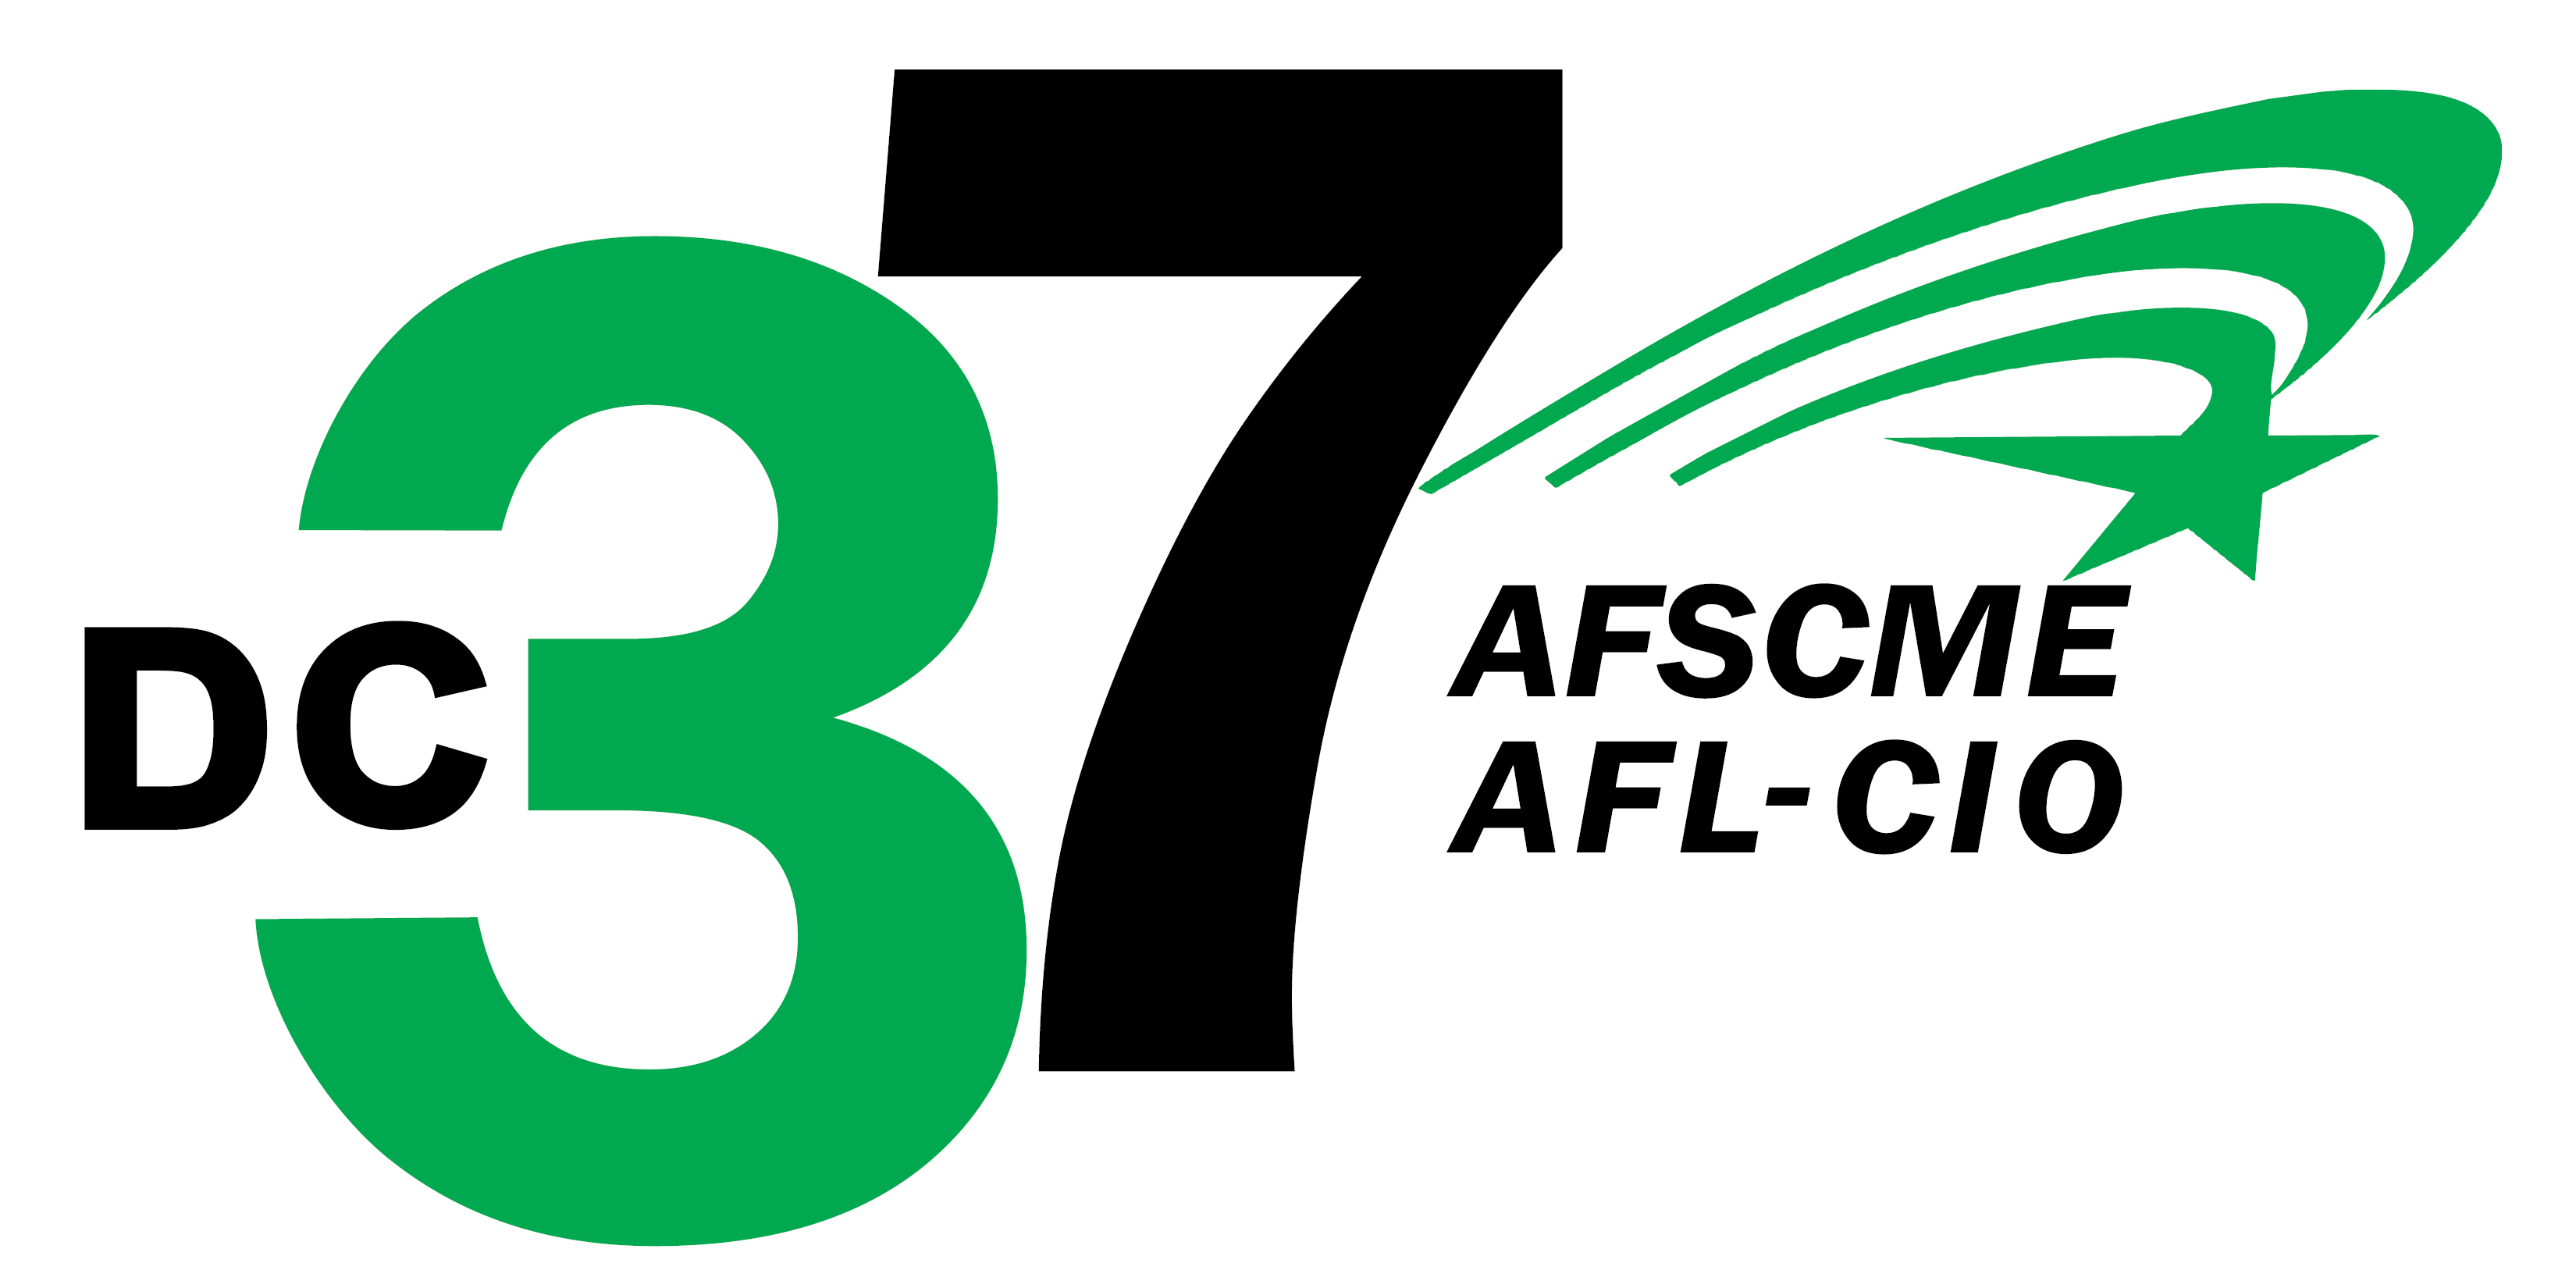 DC 37 logo